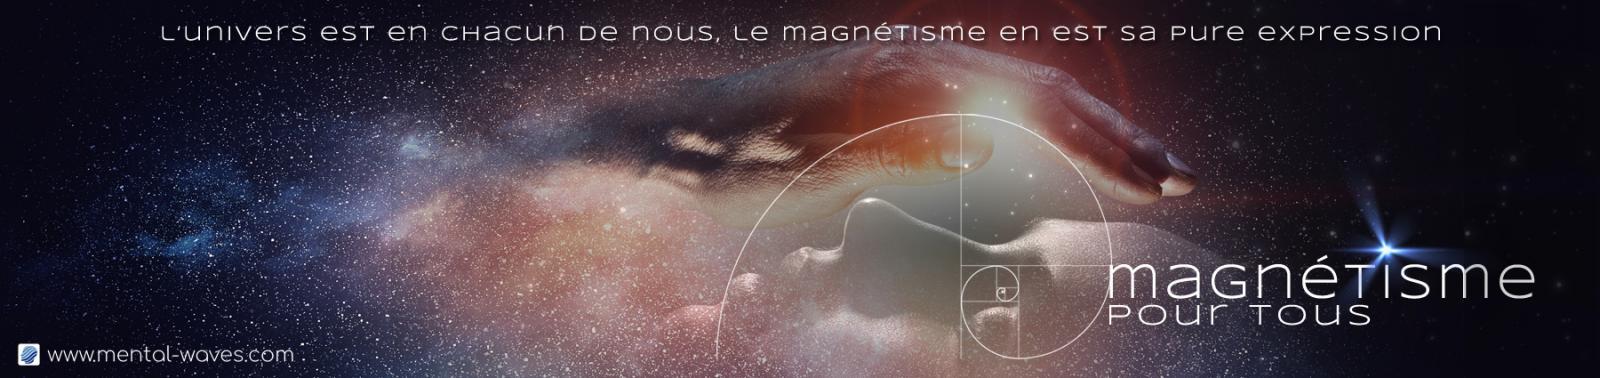 Conférence gratuite le 7 février à 21H (15H au Québec)